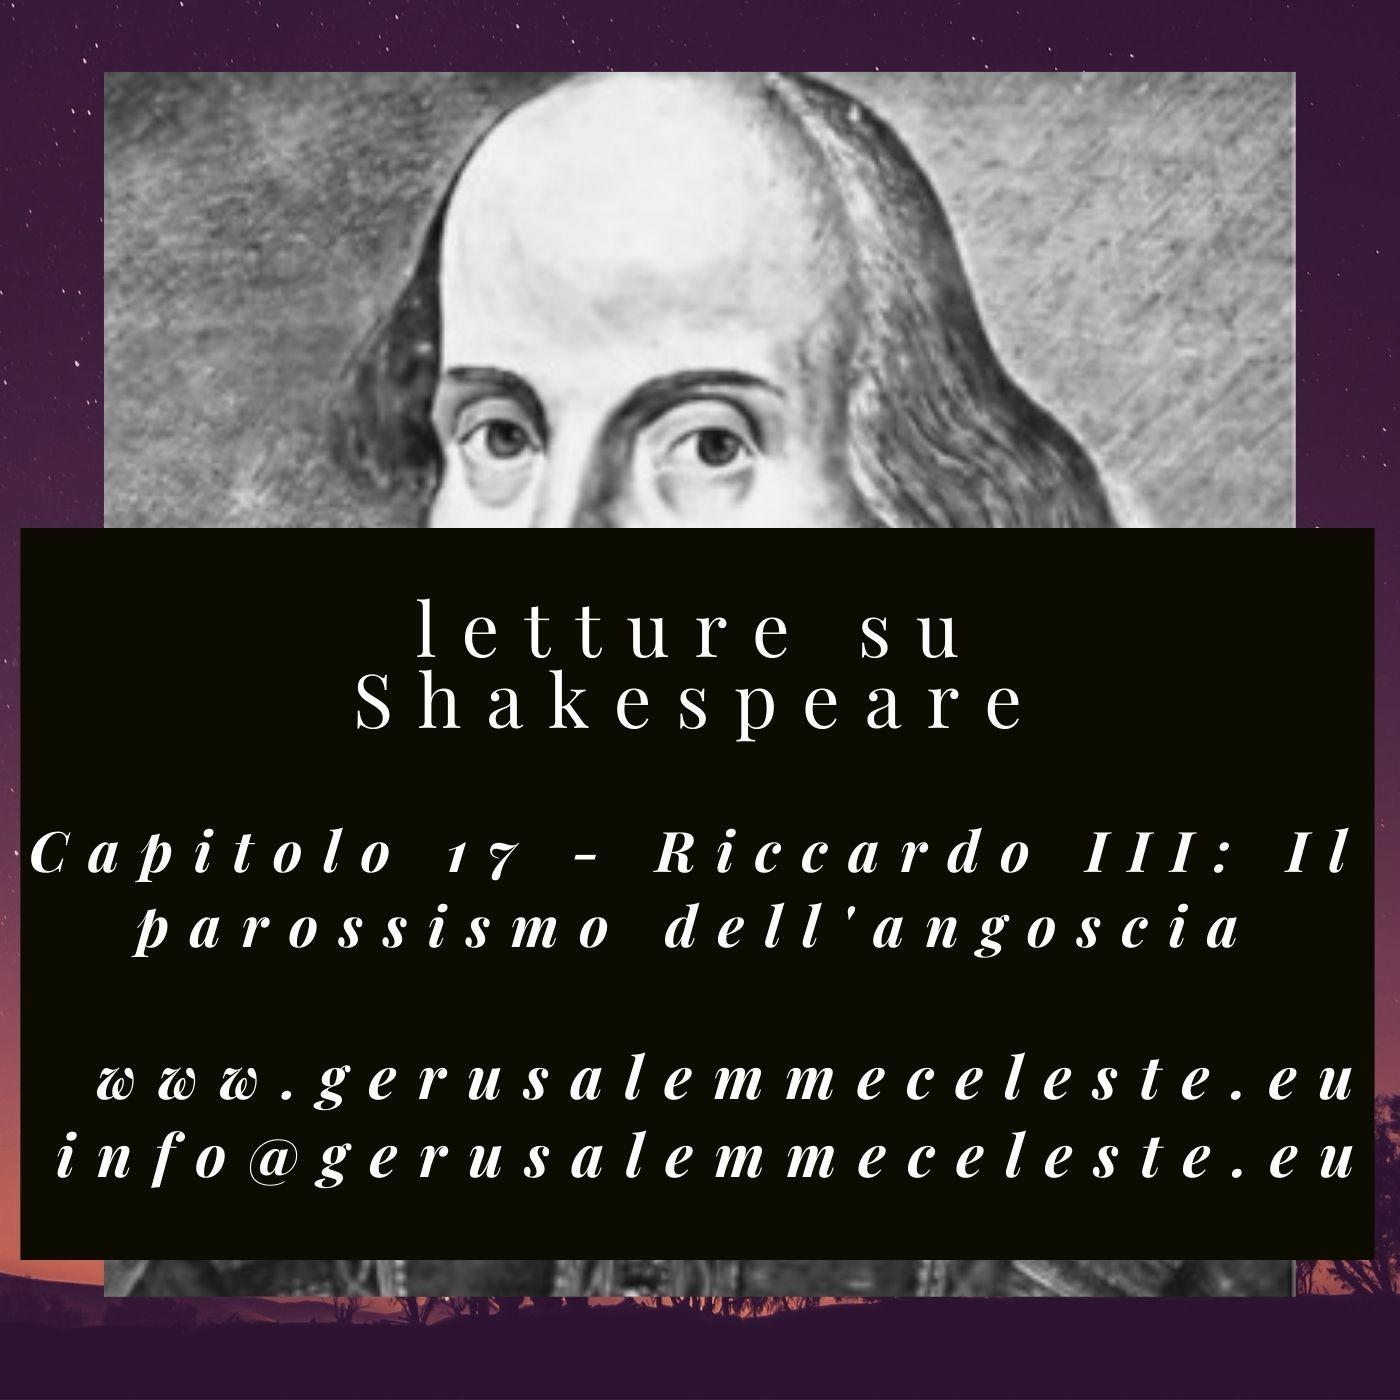 Capitolo 17 - Riccardo III: il parossismo dell'angoscia